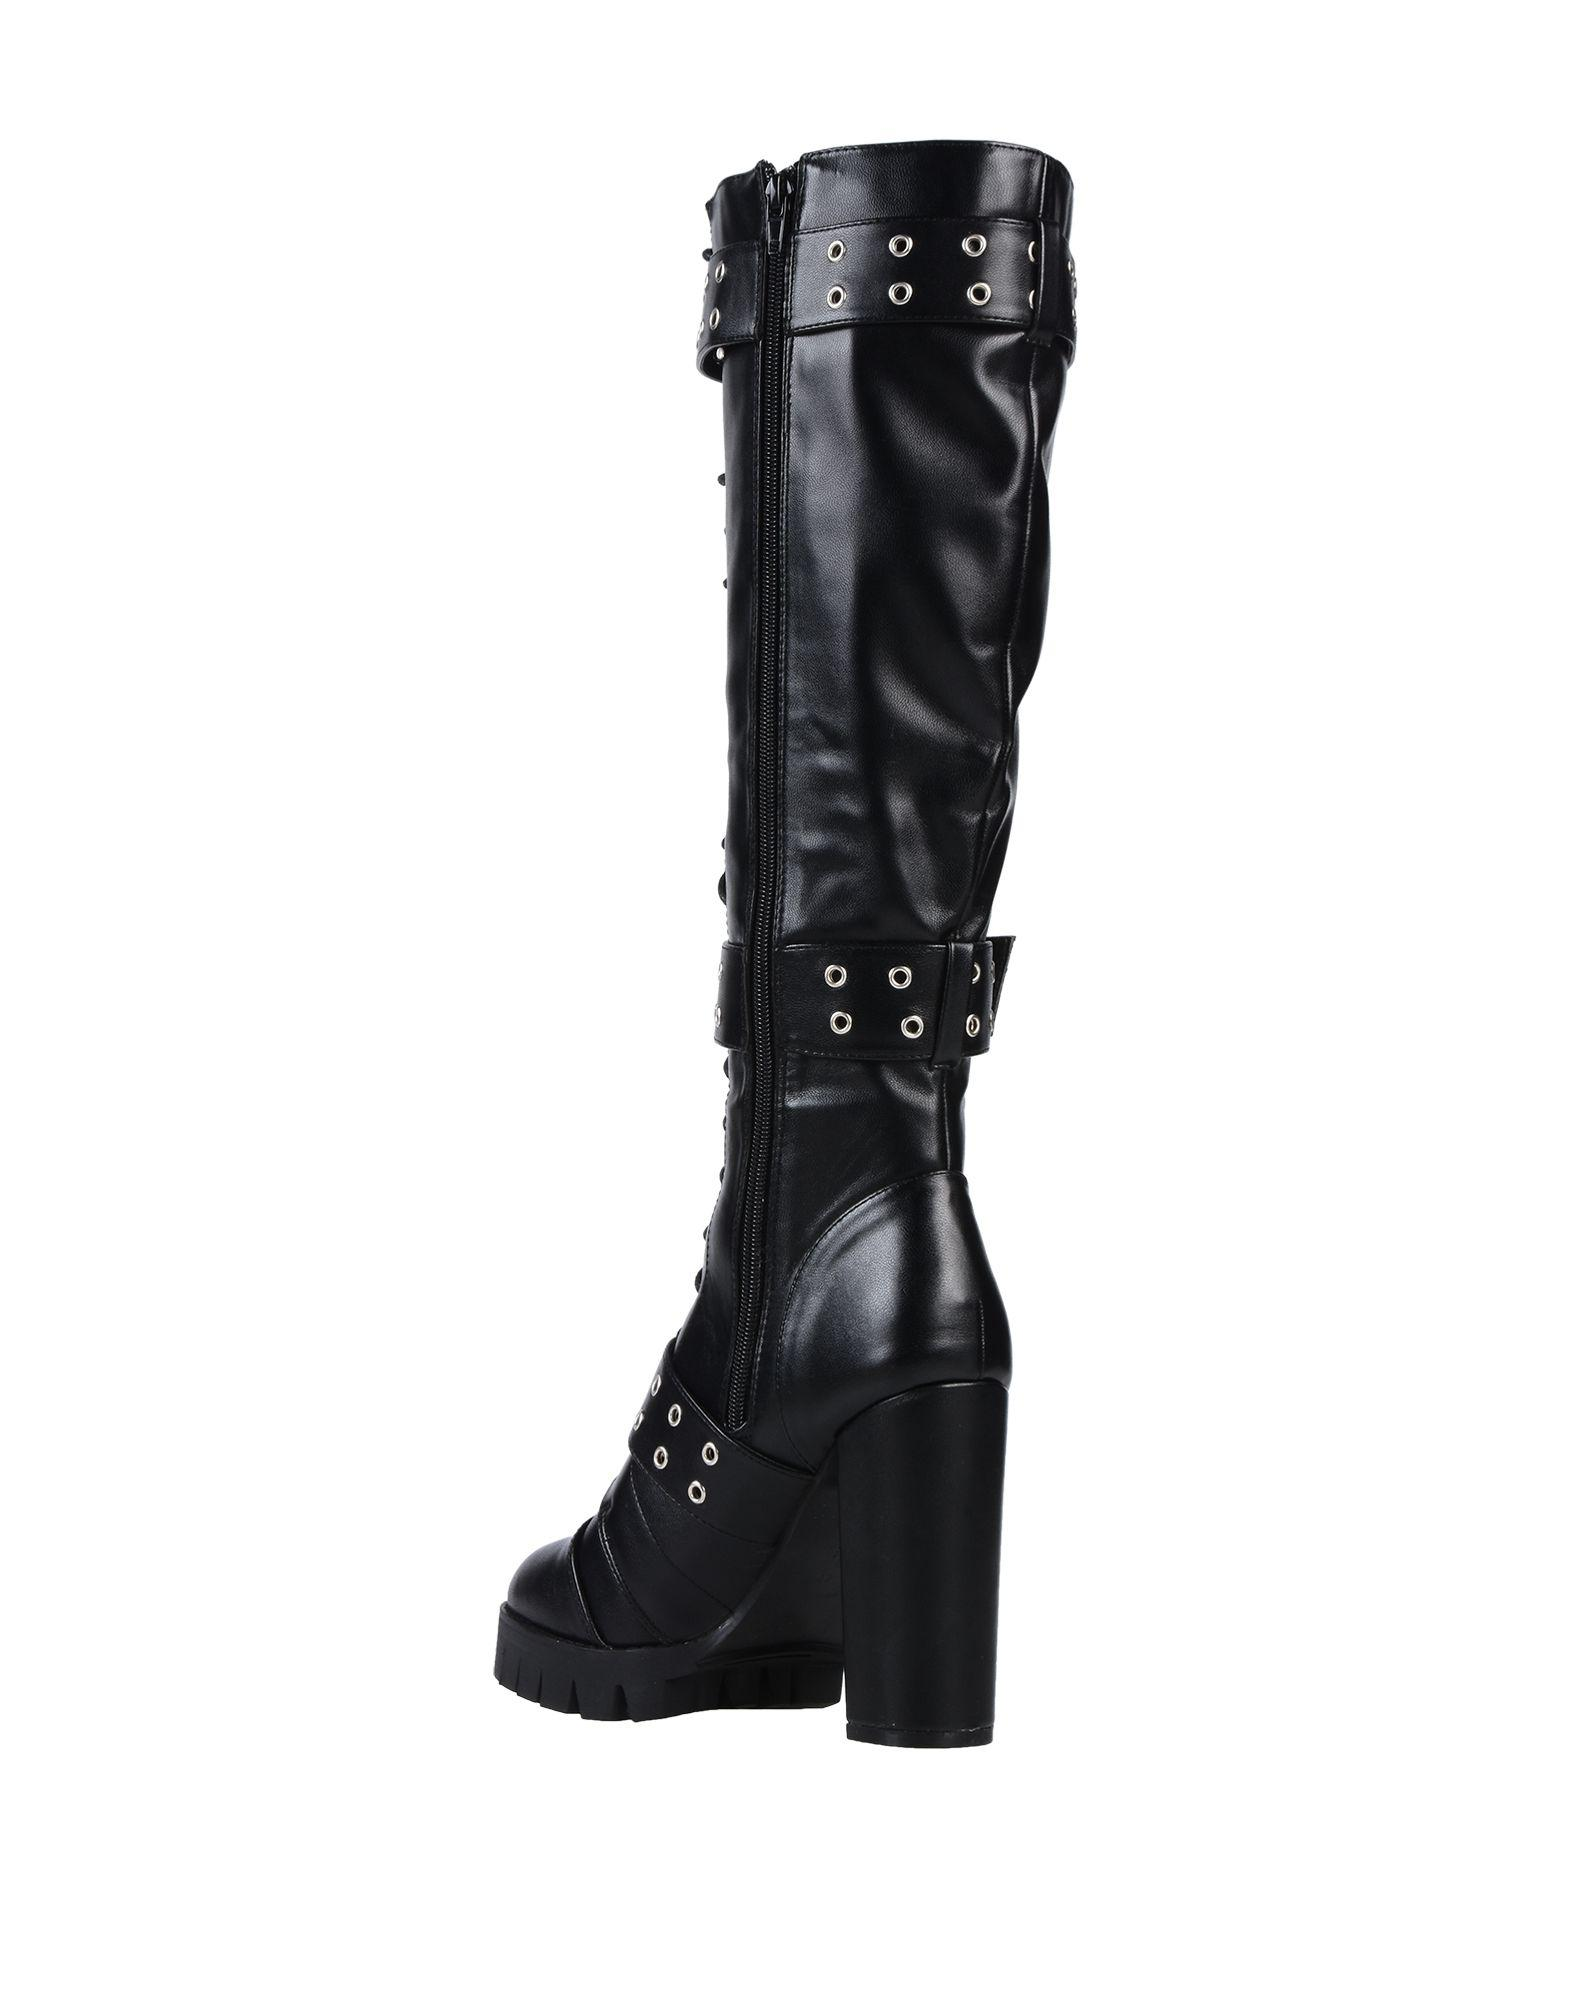 09a0b6e3e8e9 Lyst - Lost Ink Boots in Black